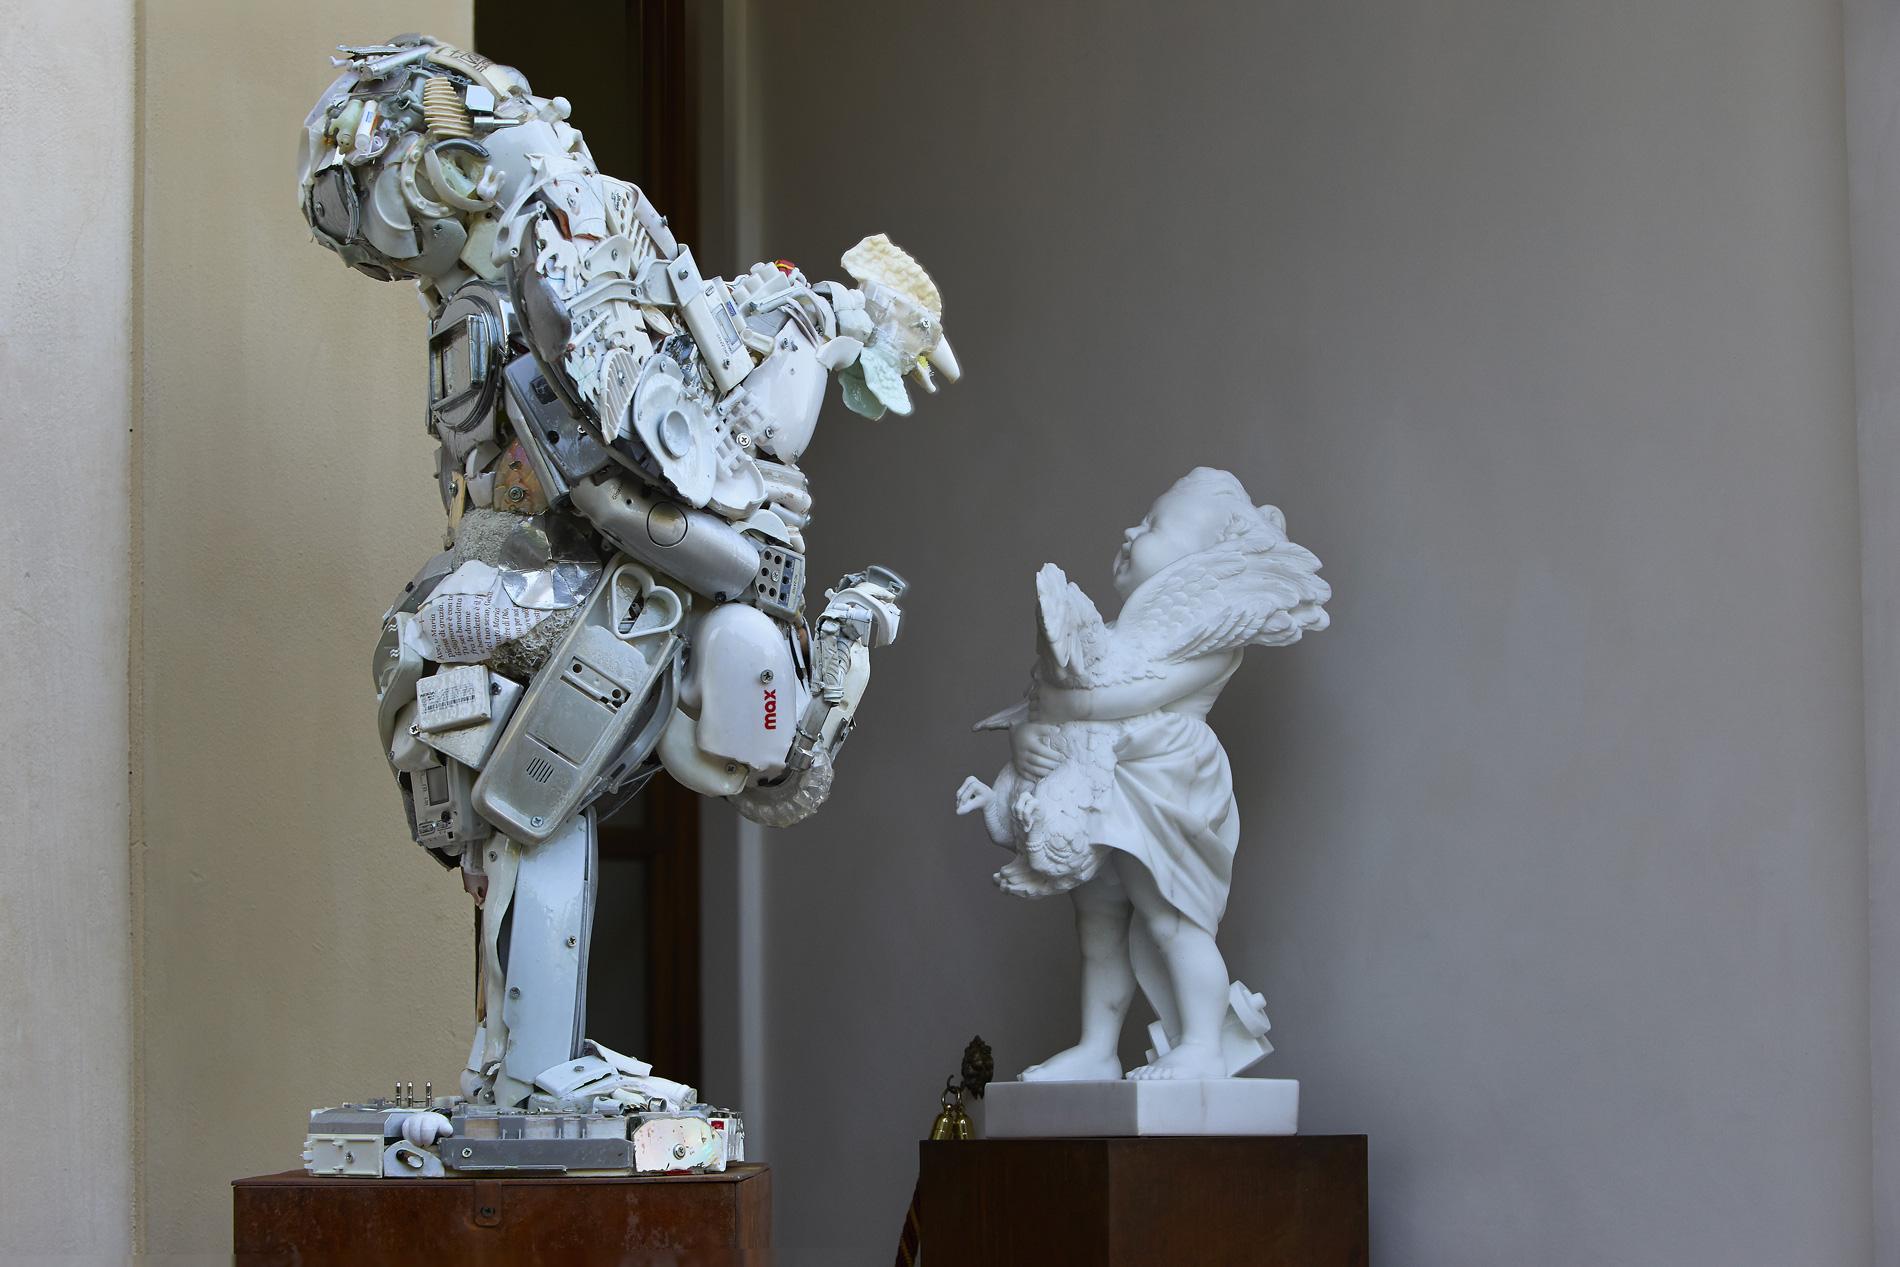 dario-Tironi-15-etra-studio-tommasi